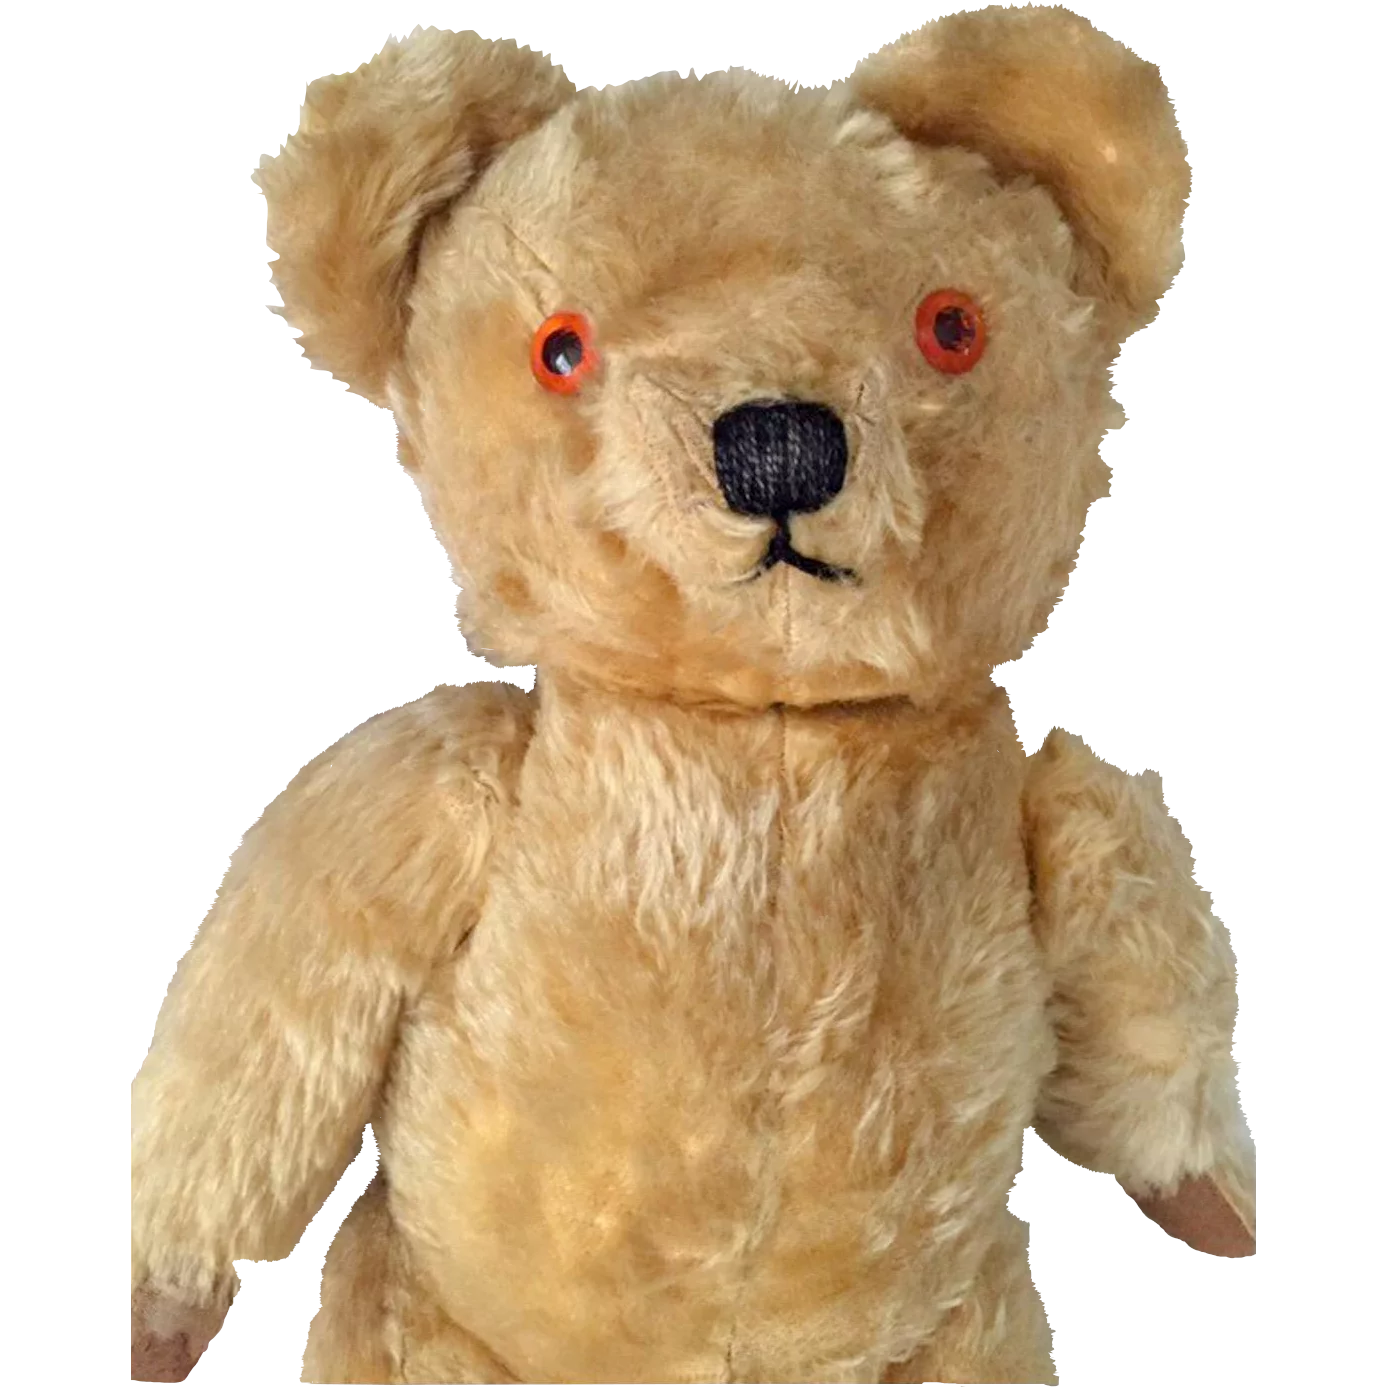 Chad Valley Teddy Bear British Vintage Toys Found At Www Rubylane Com Thedollworldshome Dolls Vintage Mohair Teddy Bear Vintage Teddy Bears Teddy Bear